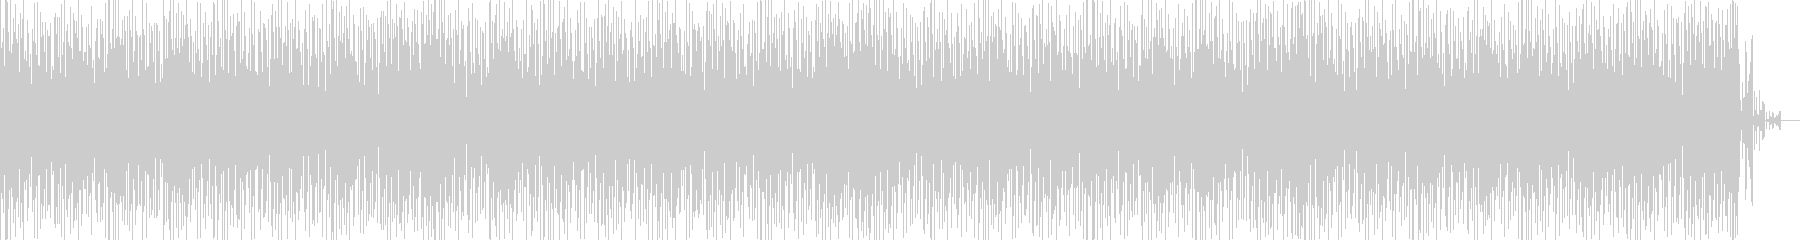 無機質なハウス ニュース原稿読みBGMにの未再生の波形